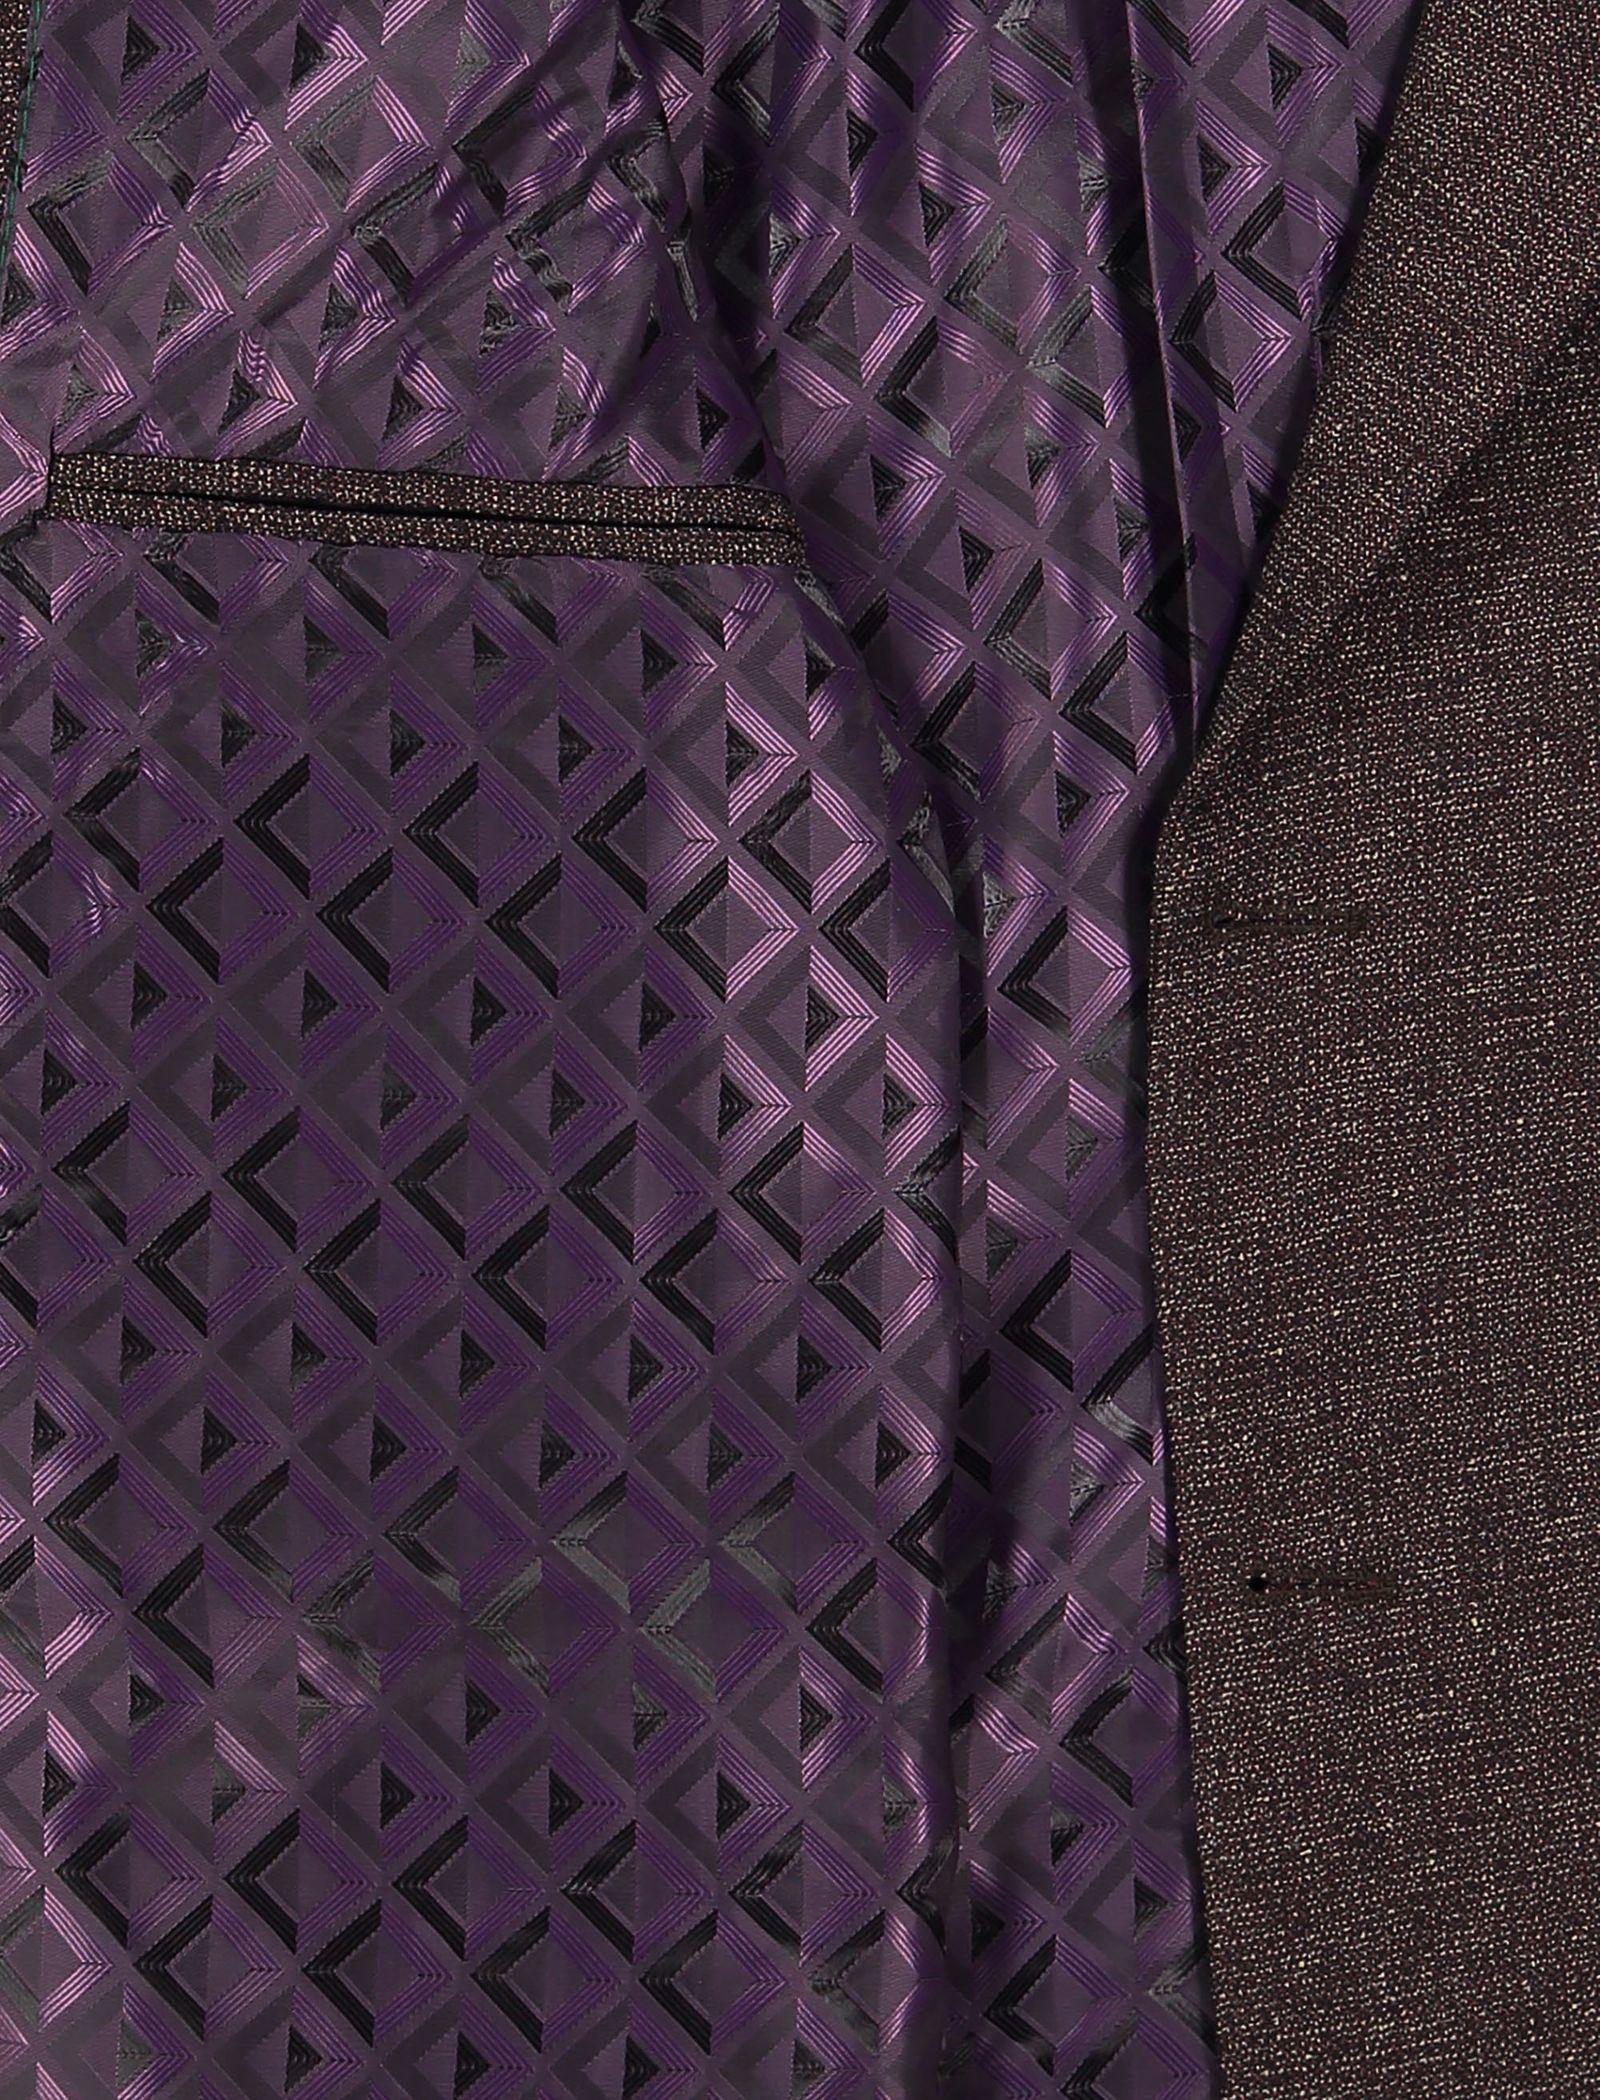 کت تک غیر رسمی مردانه - خانه مد راد - بنفش - 5